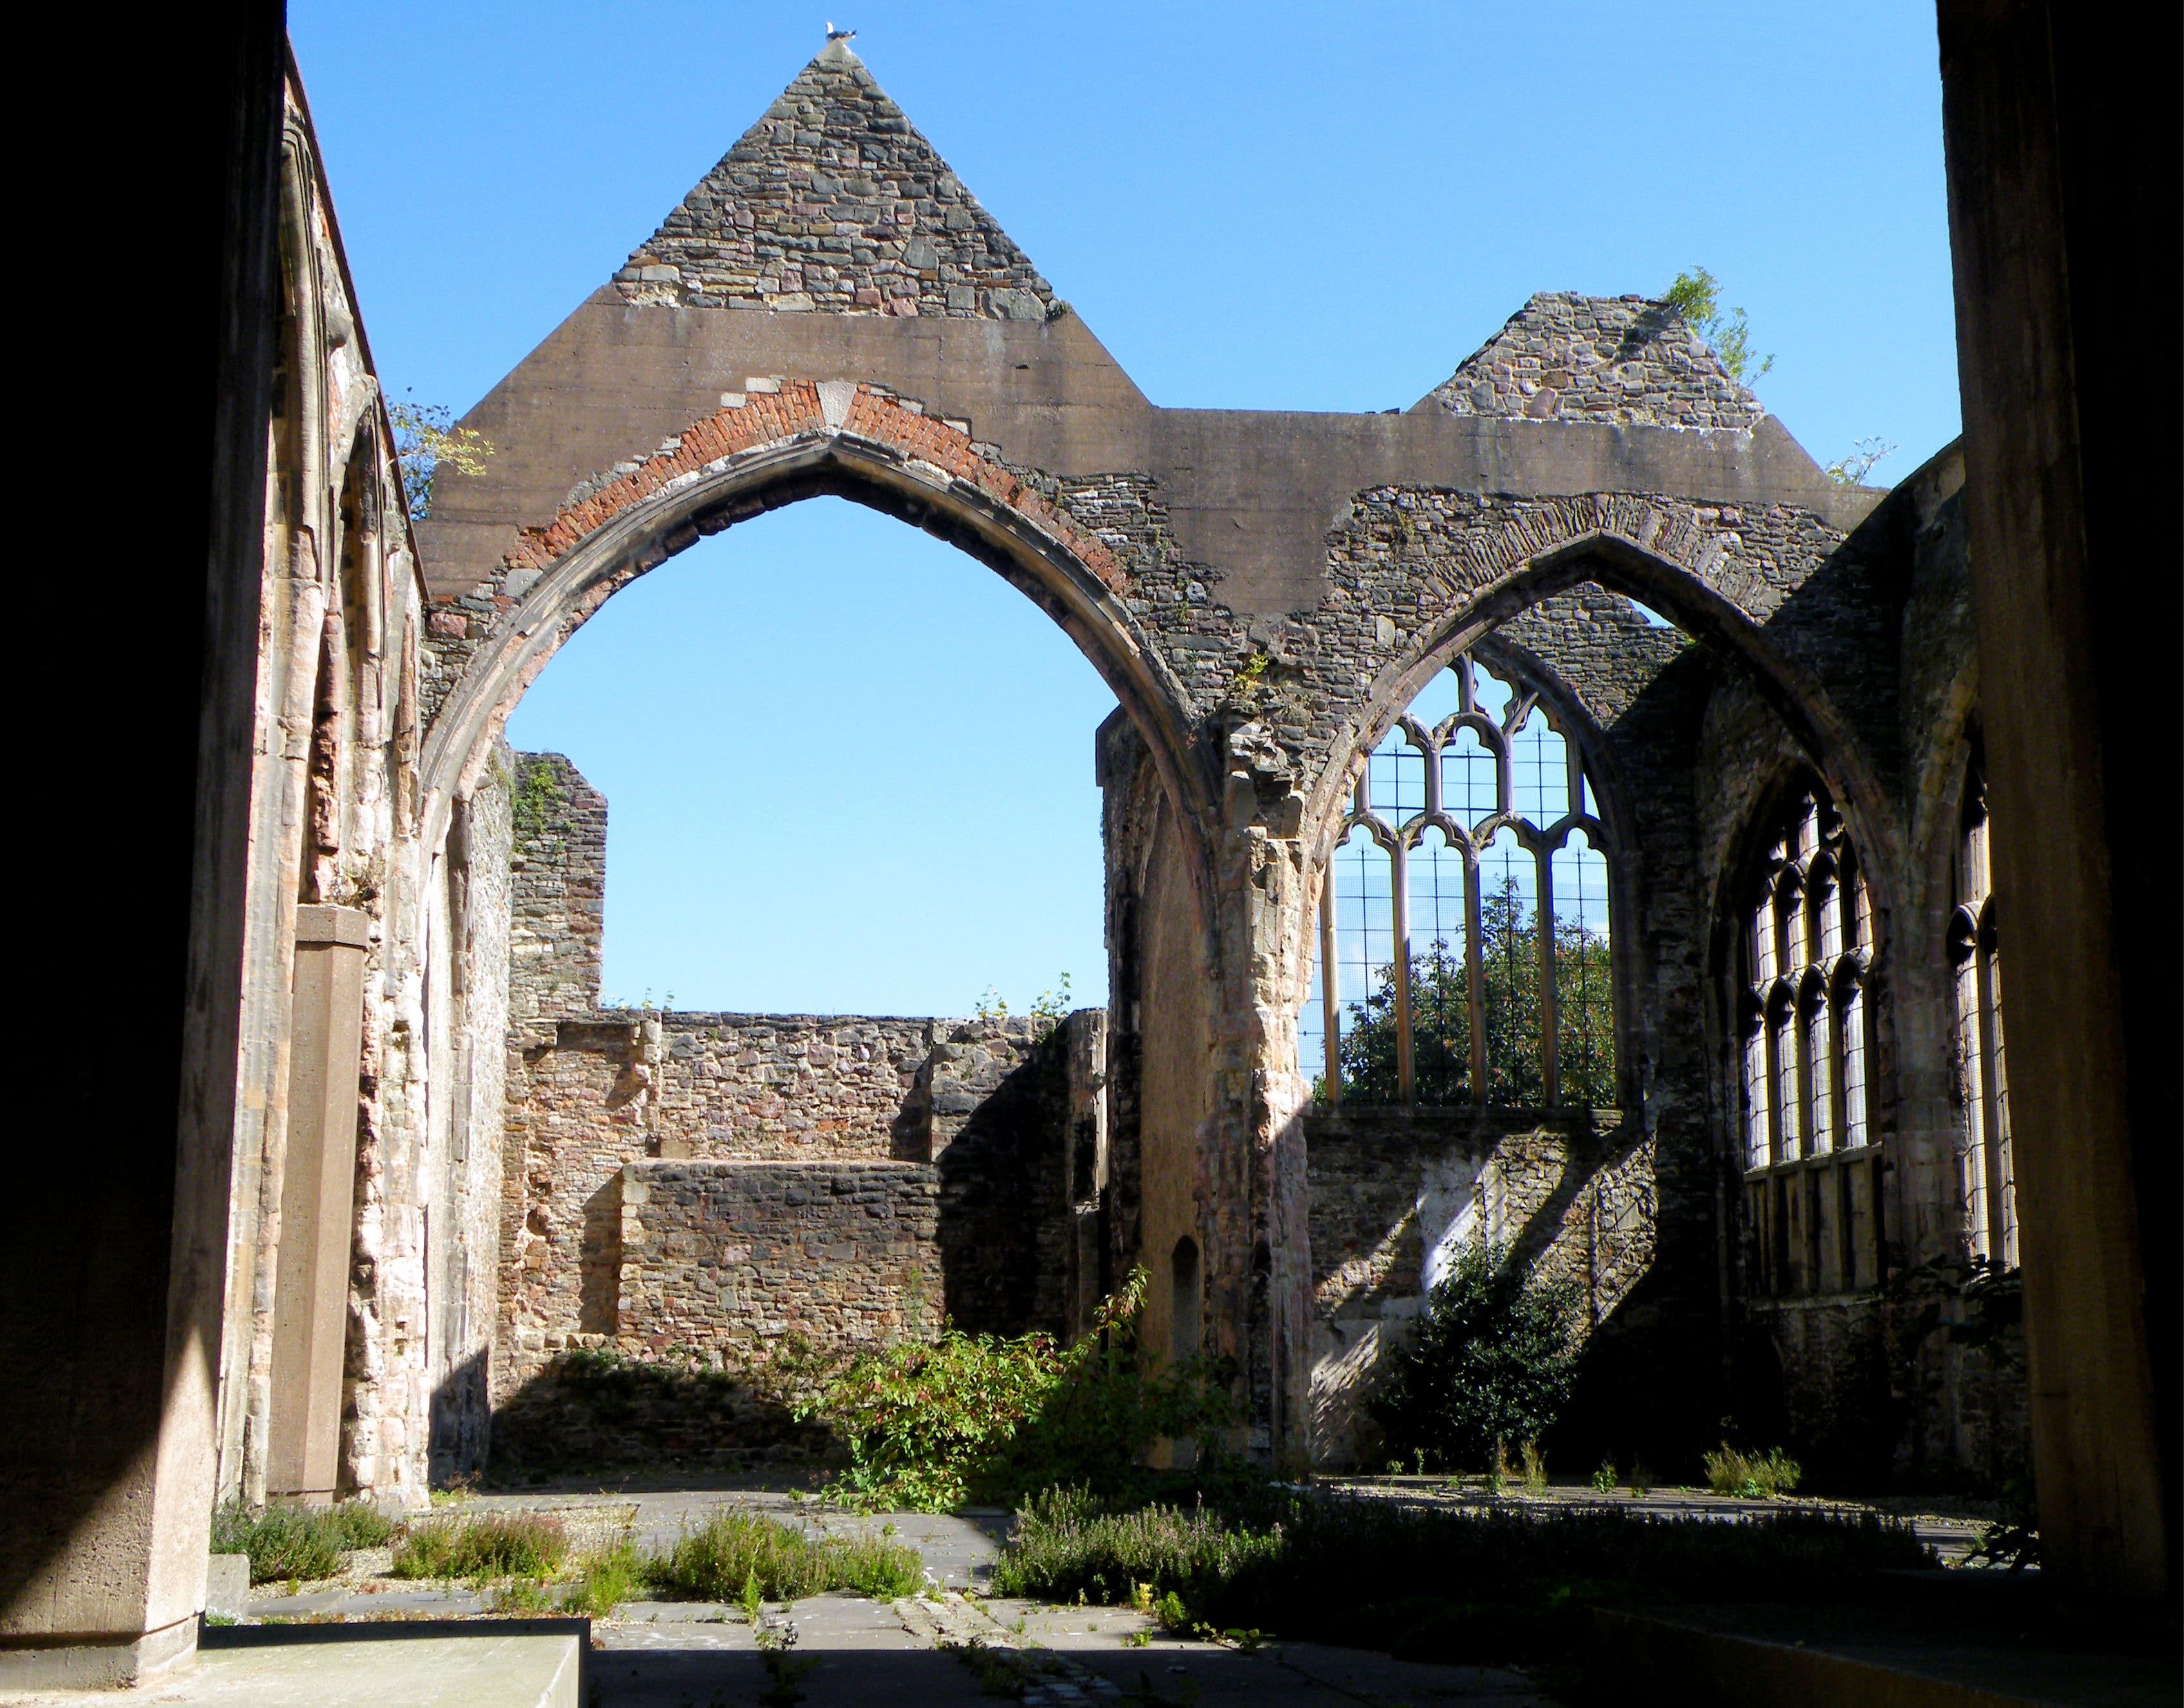 Biserica Sf. Agnes din Bristol, o superbă arhitectură și un spațiu plin de liniște